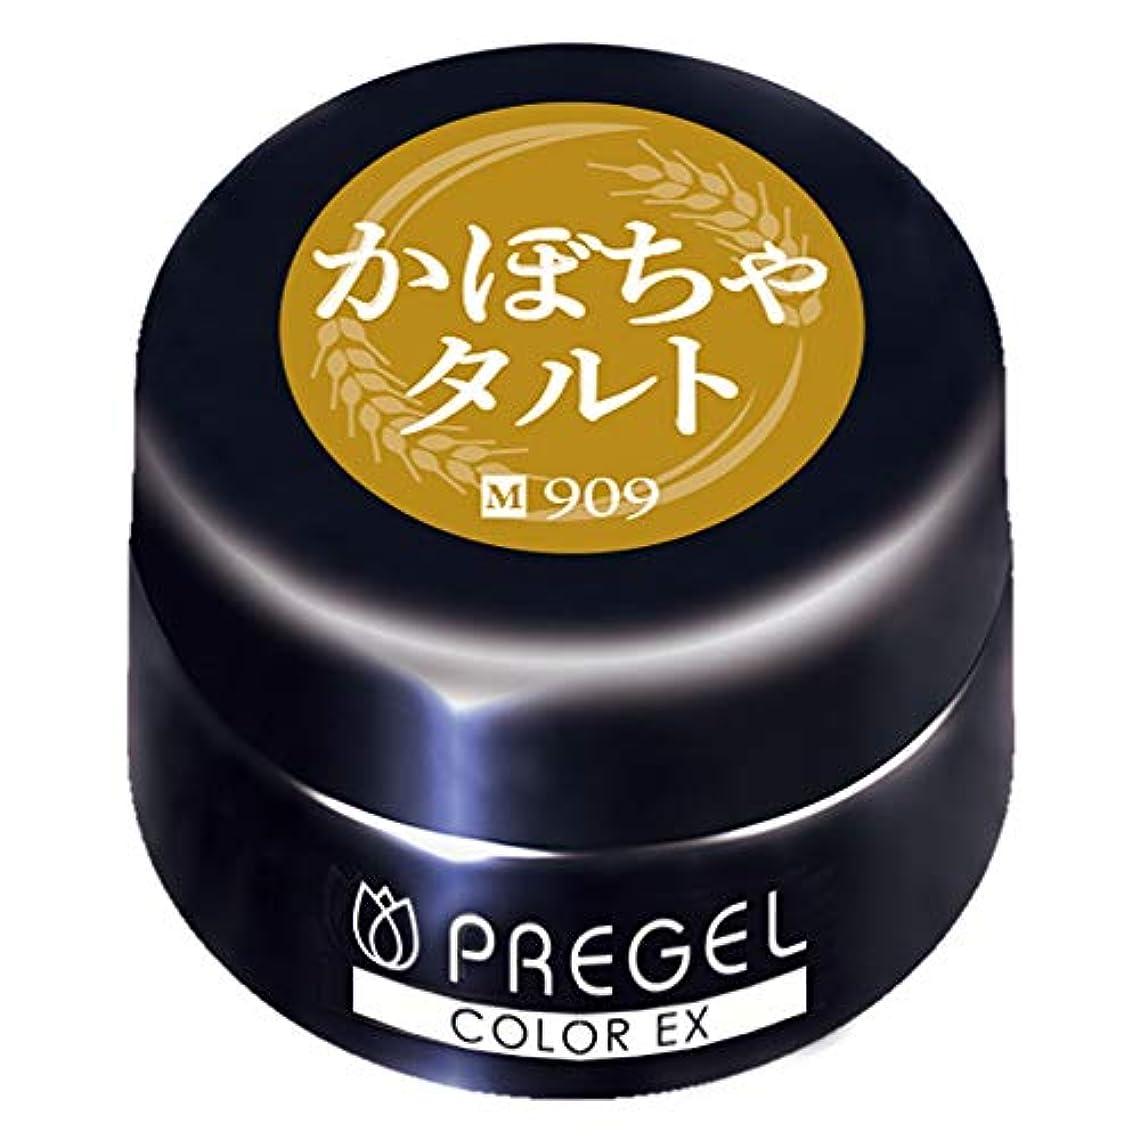 甥理容師申込みPRE GEL(プリジェル) カラーEX かぼちゃタルト 3g PG-CE909 UV/LED対応